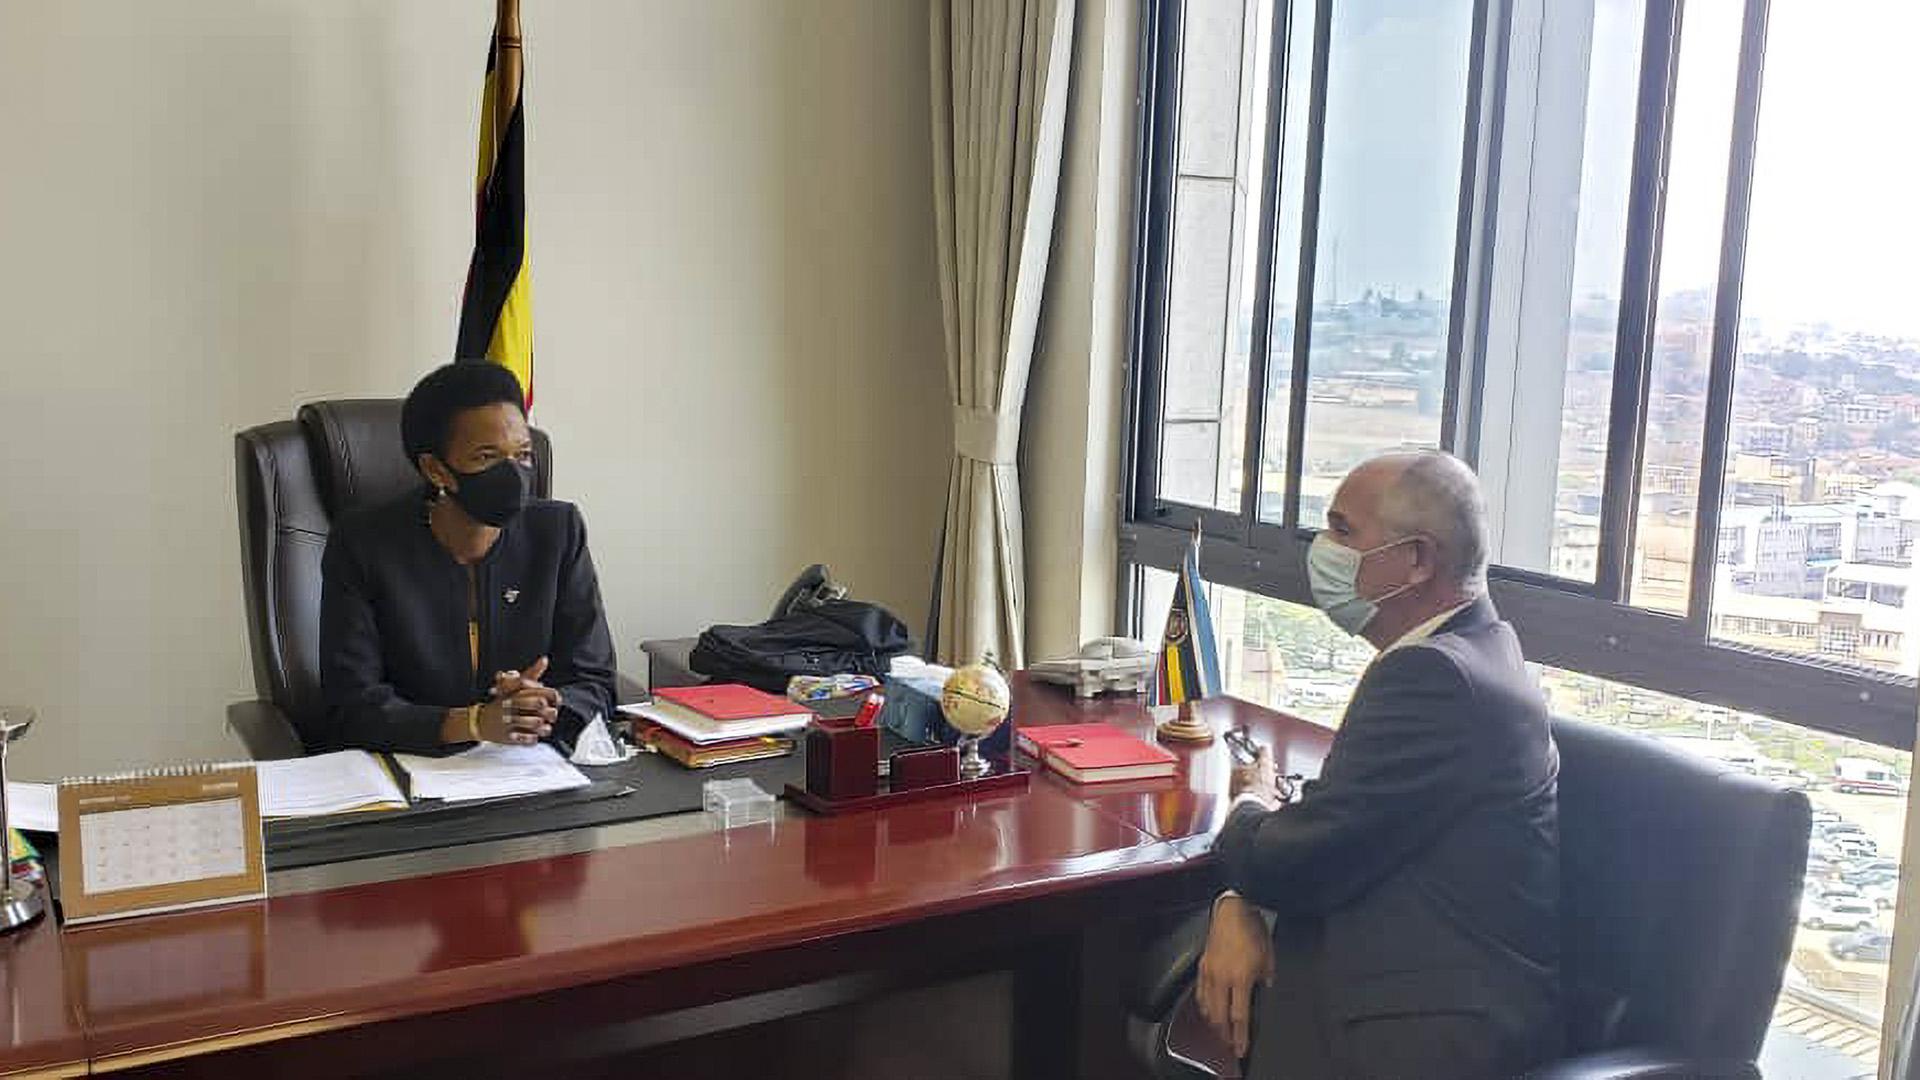 Uganda To Host 2,000 Afghan Refugees In 5-Star Hotels